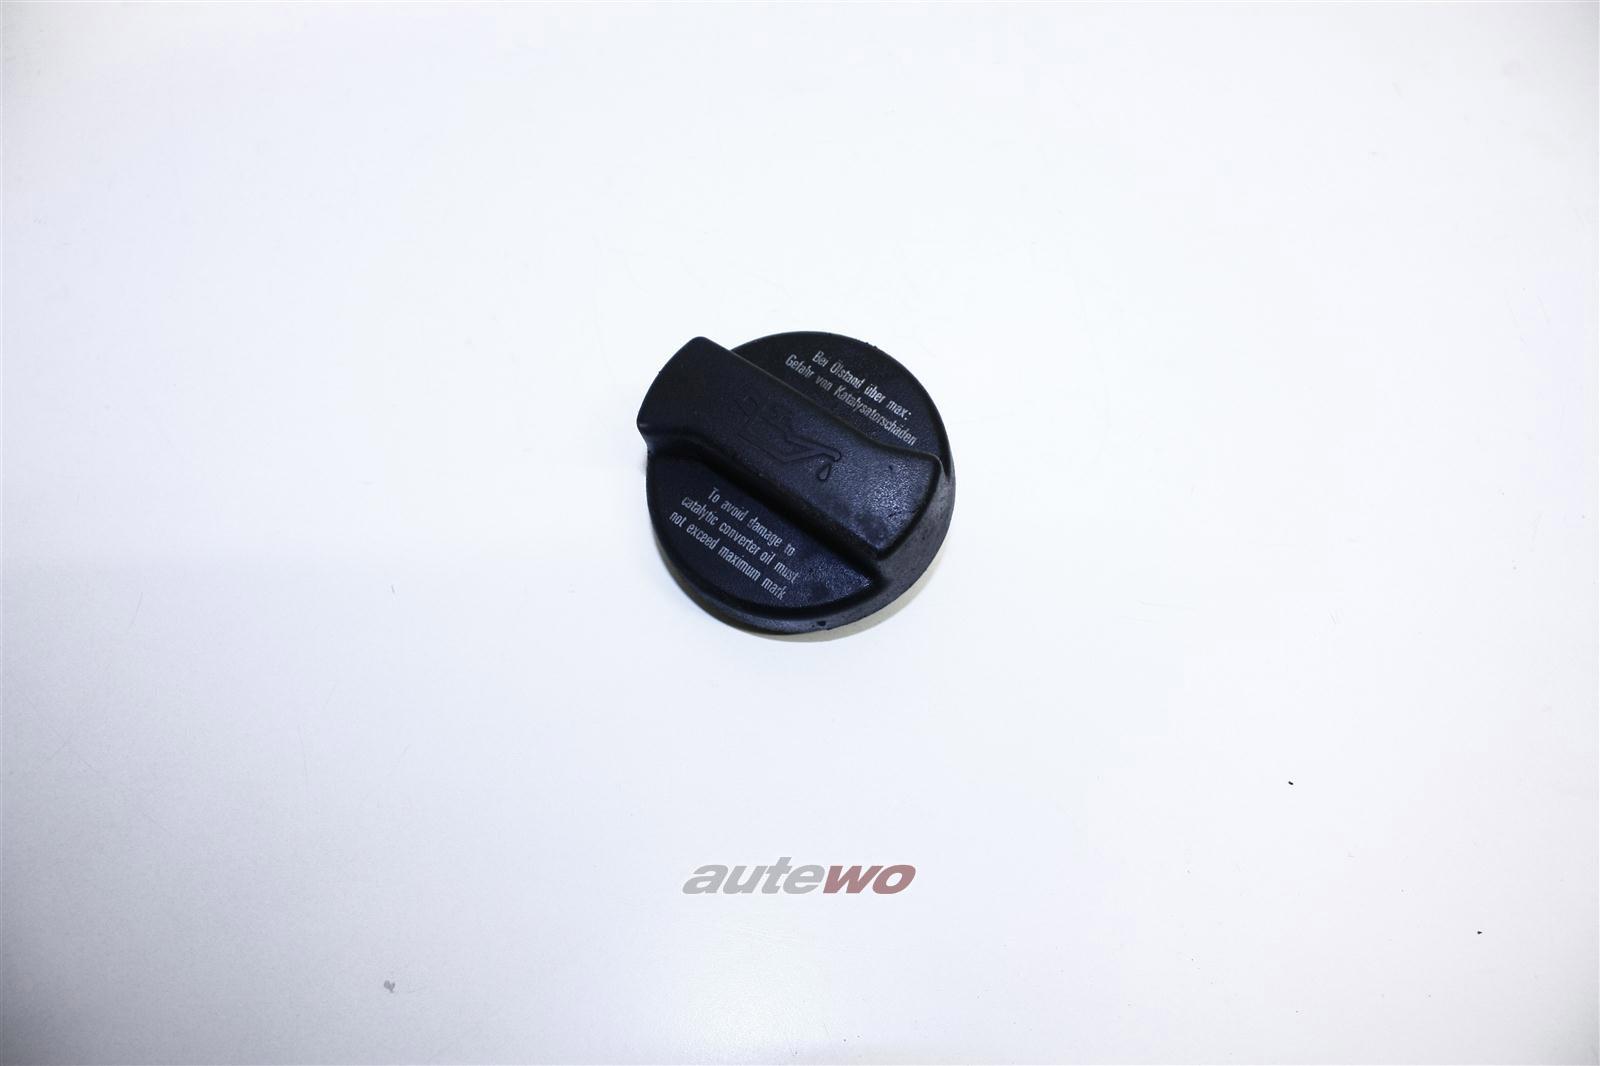 Audi 80/90/100/A4/A6/A8 Öldeckel Ventildeckel 06B103485C 026103485